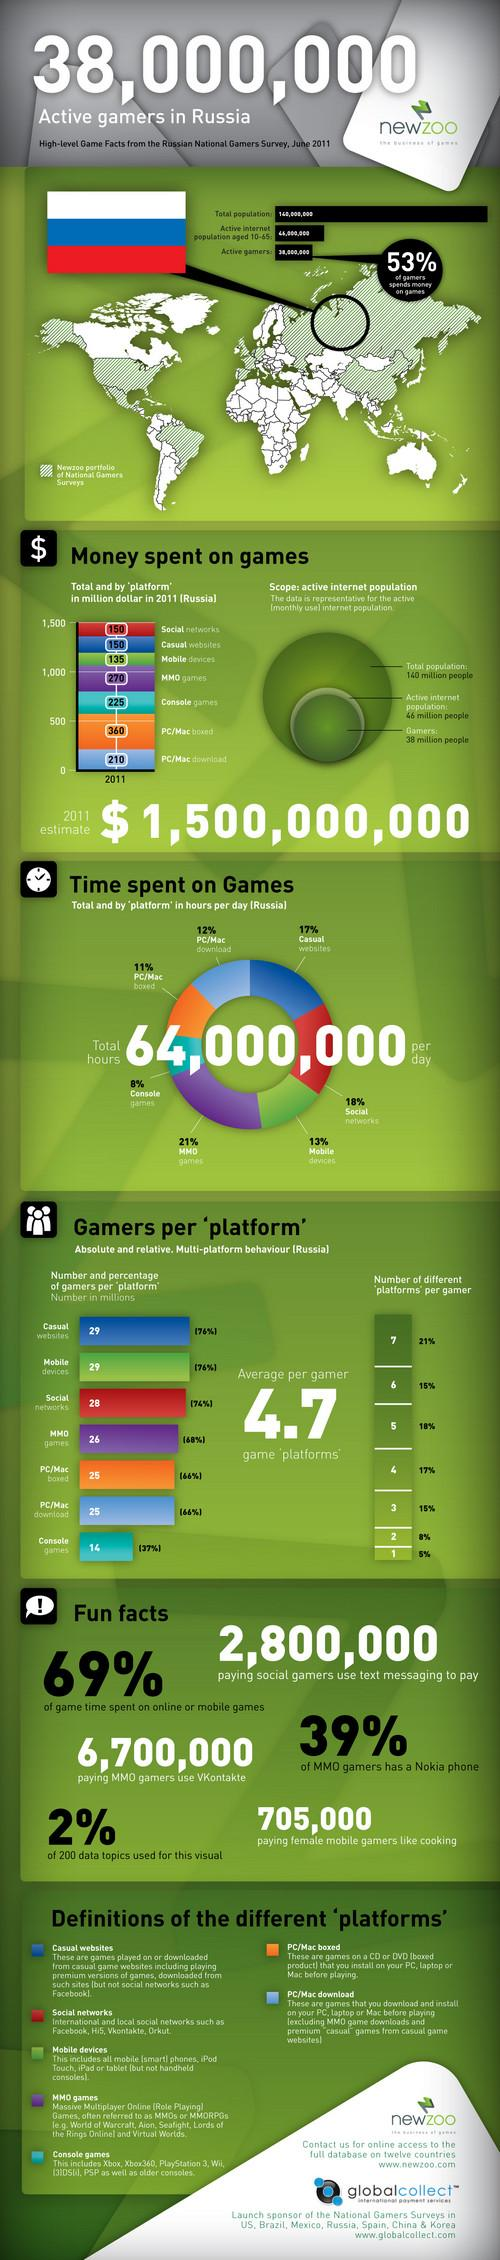 Согласно исследованиям компании Newzoo, в 2011 году россияне потратят на игры умопомрачительную сумму – $1,5 млрд. В ... - Изображение 2